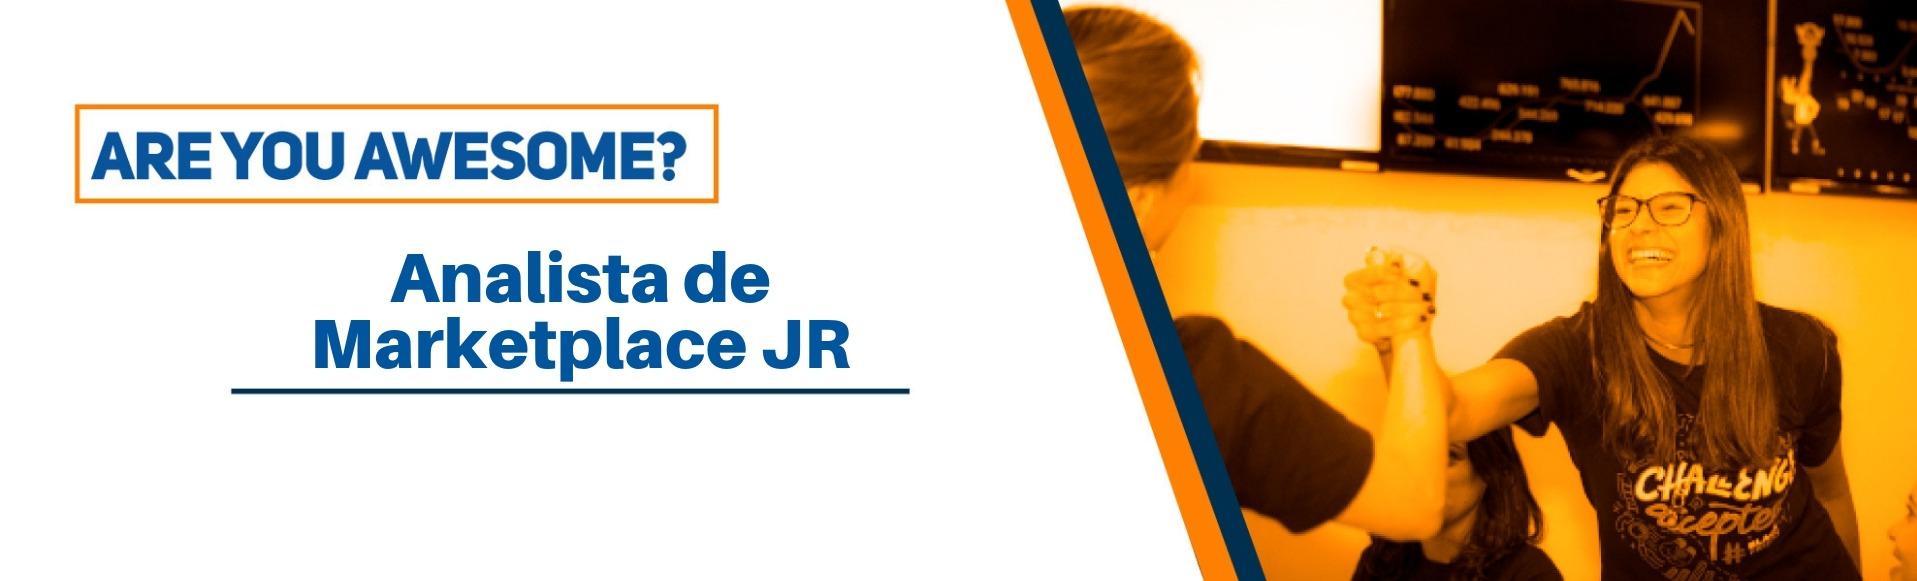 Analista de Marketplace Junior